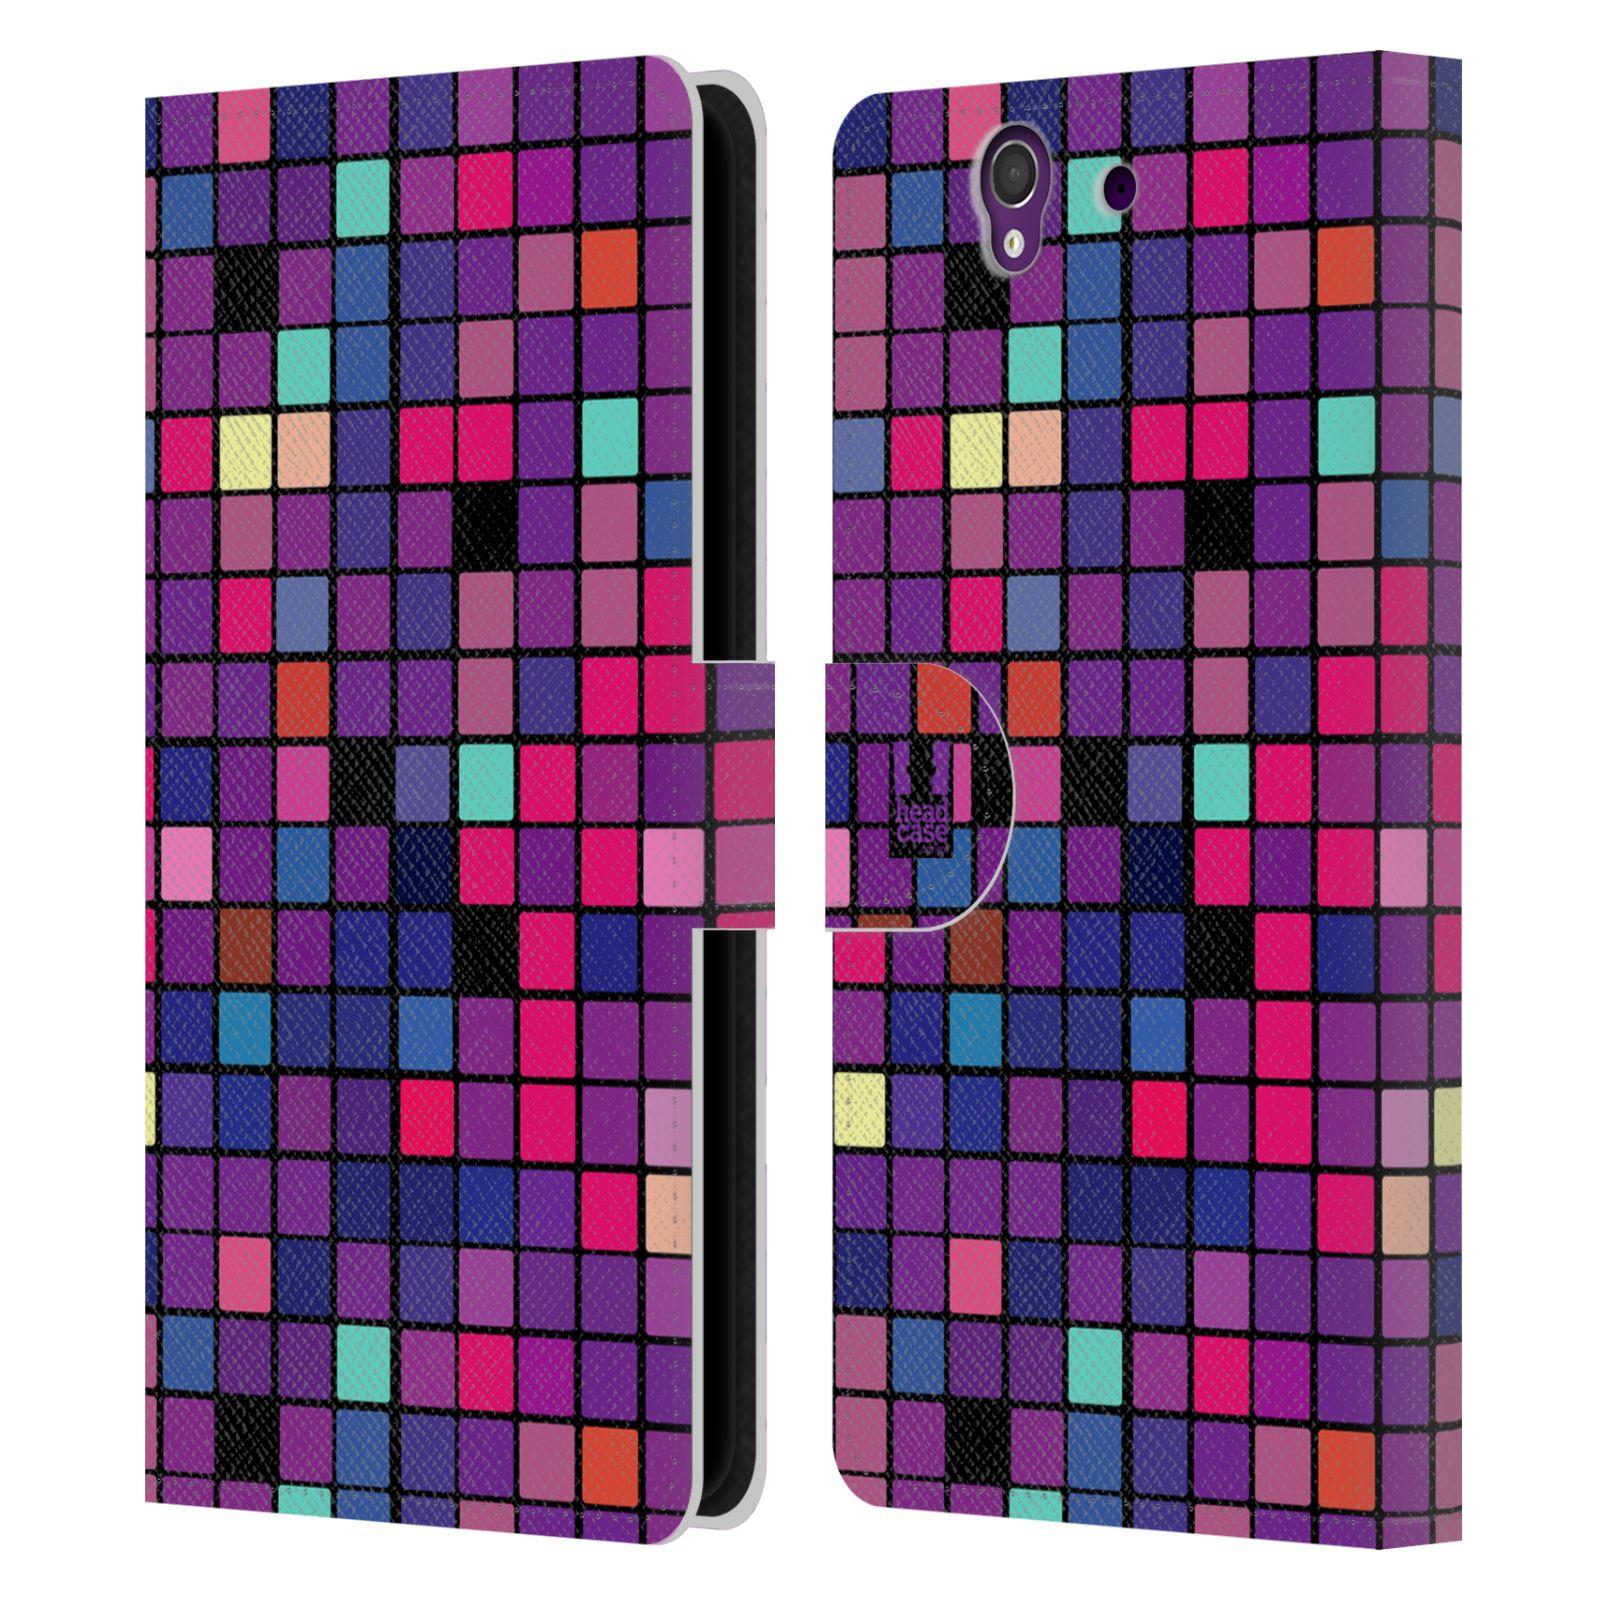 HEAD CASE Flipové pouzdro pro mobil SONY XPERIA Z (C6603) DISKO kostičky fialová DISKO